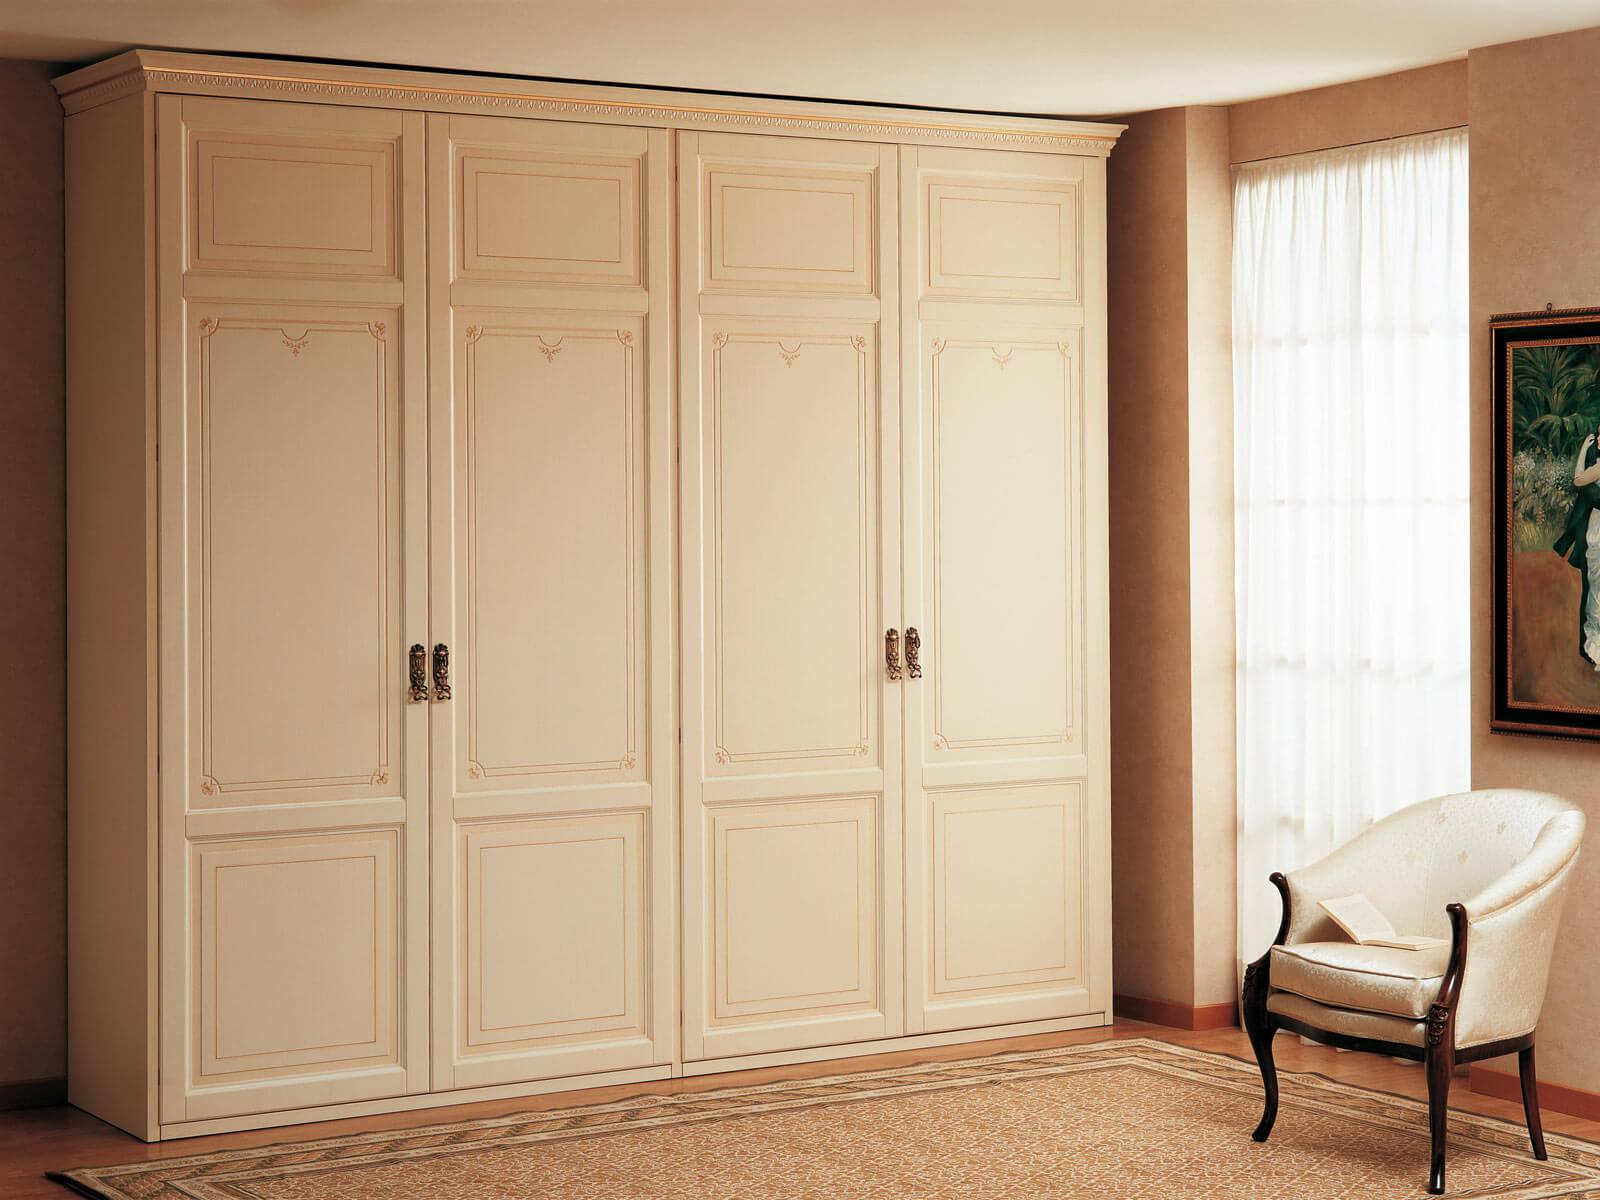 двух шкафы для спальни в классическом стиле фото случай